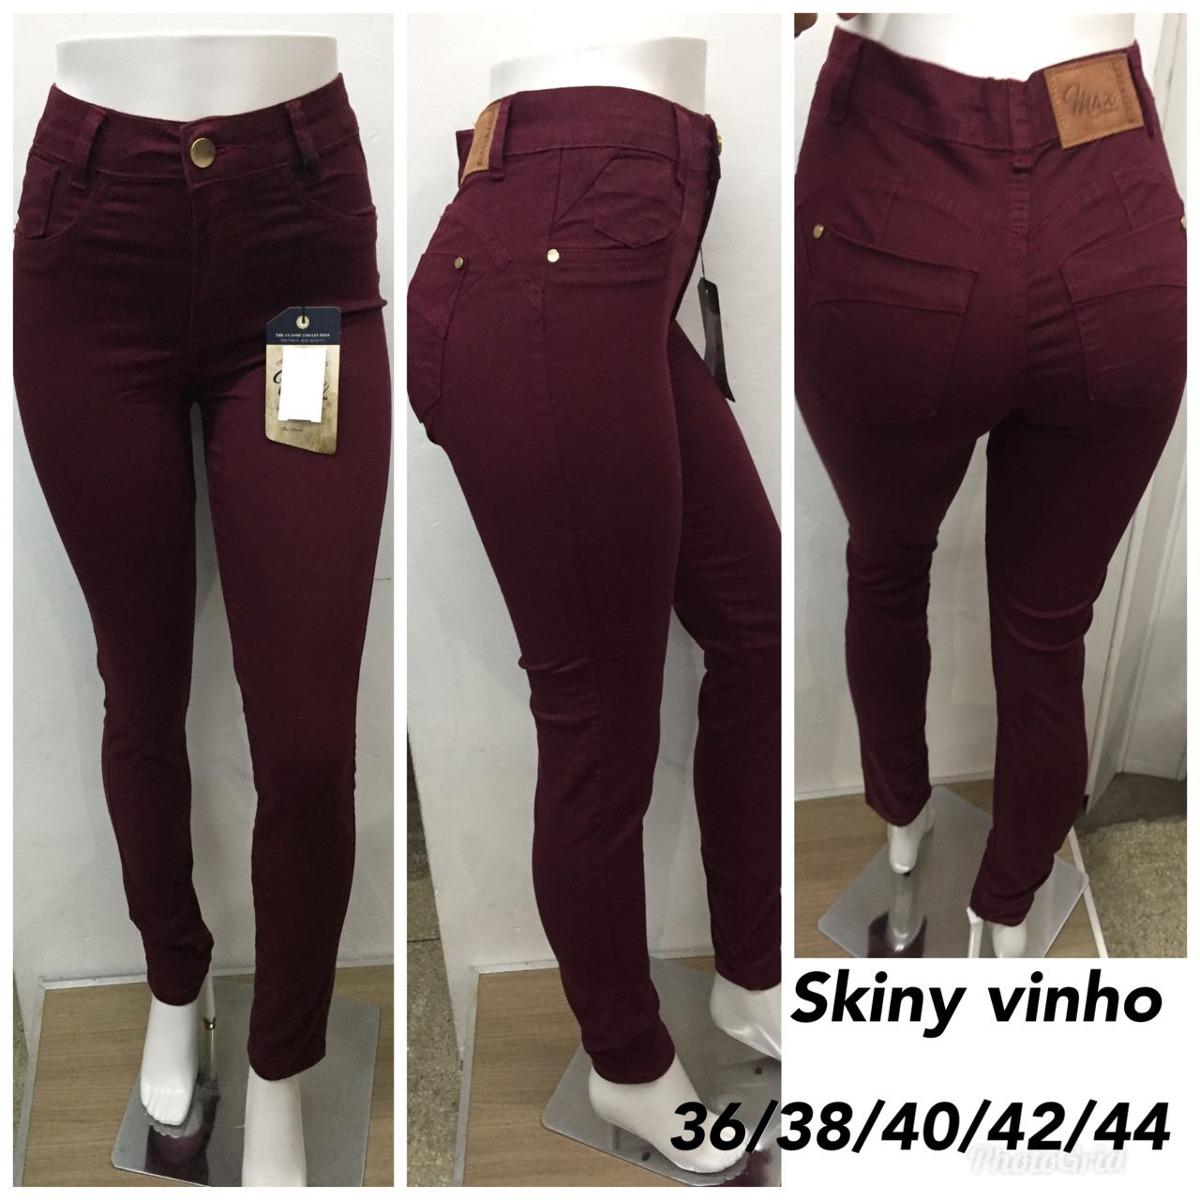 ee6b6e4f3 Calça Jeans Feminina Skinny Ruiva Cintura Alta - R$ 39,00 em Mercado ...